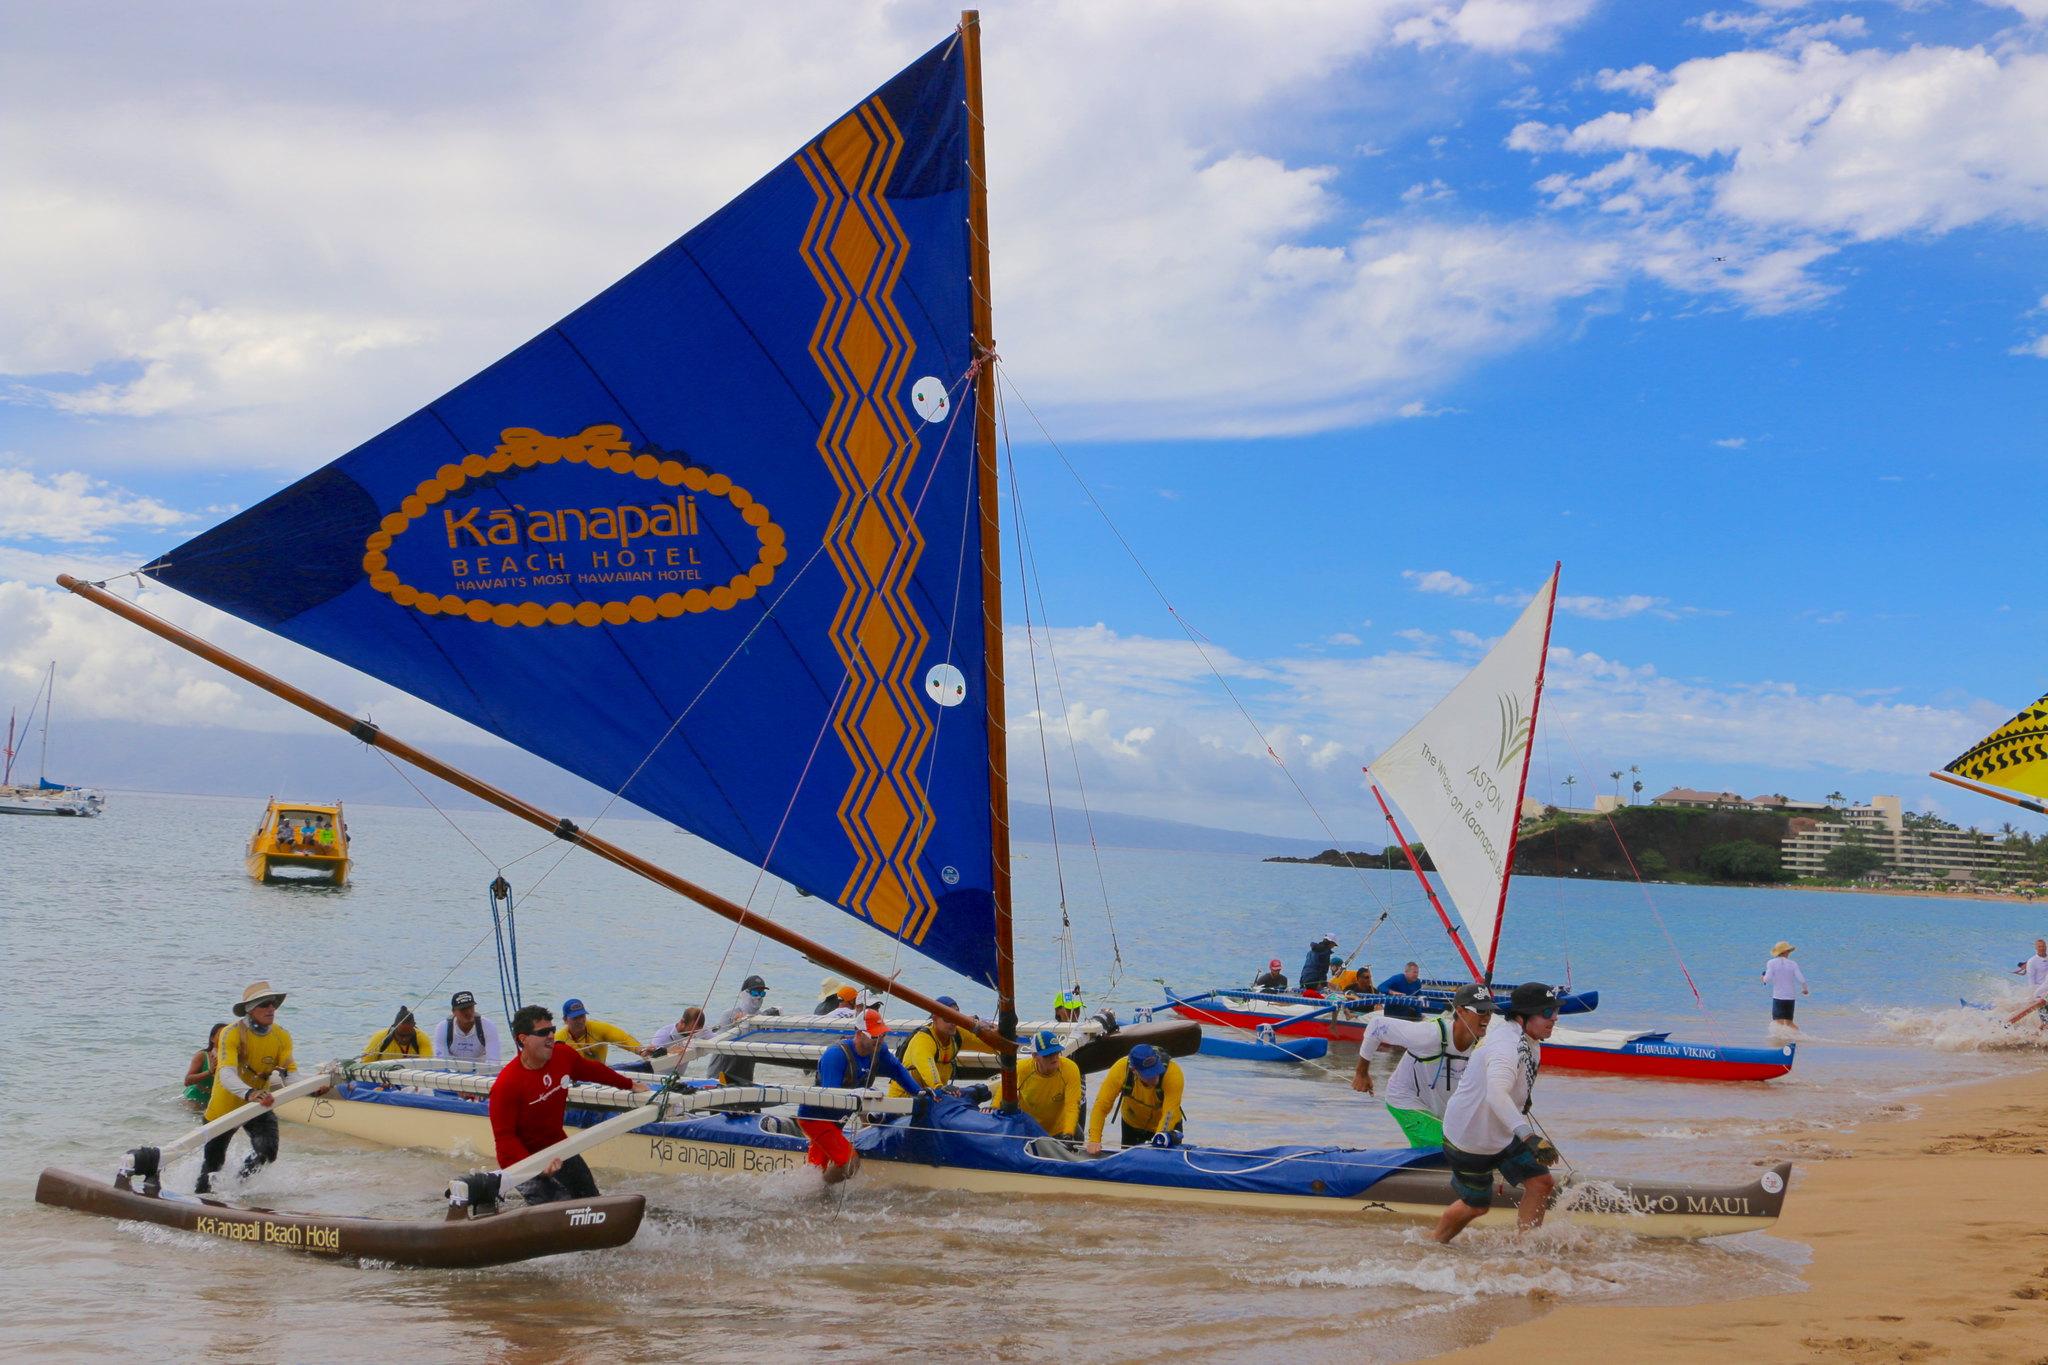 Kāʻanapali Prepares for 15th Annual Wa'a Kiakahi